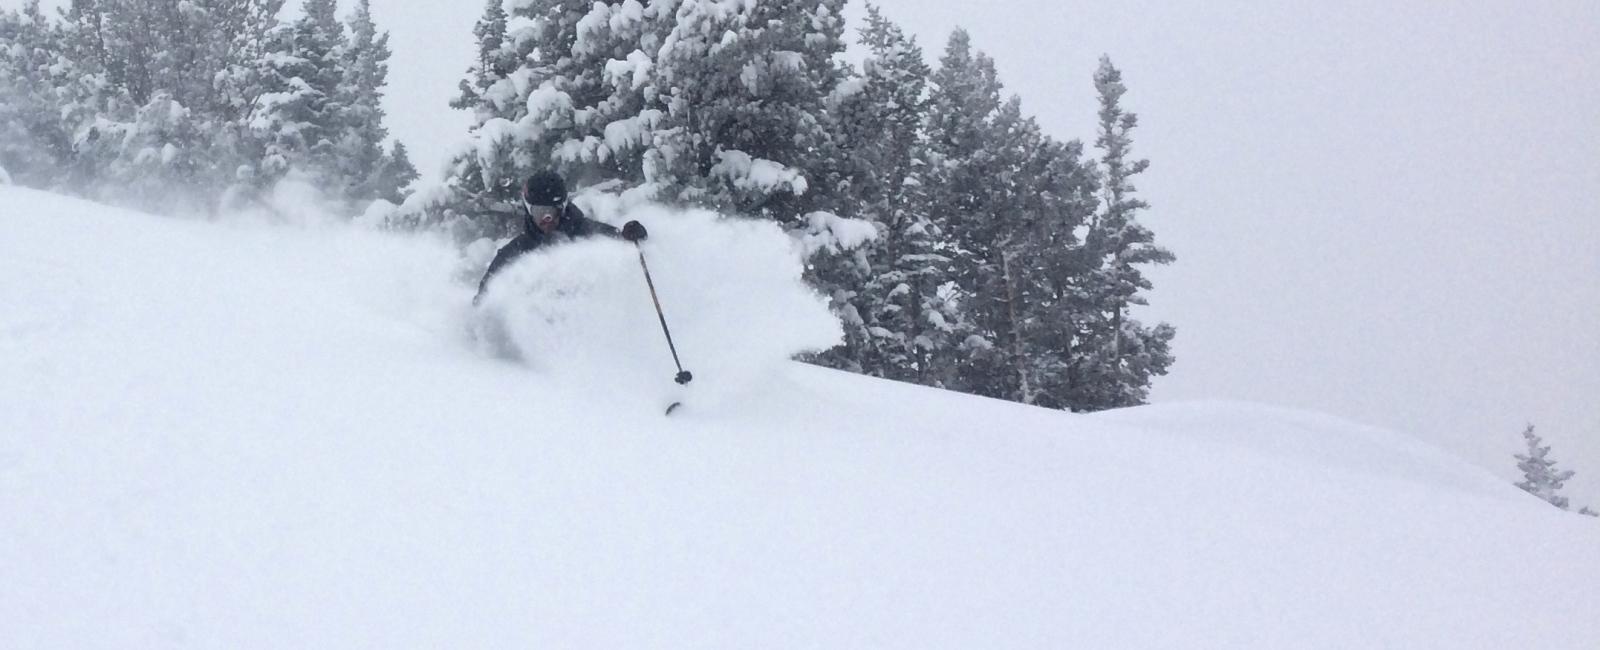 Utah Ski Season Starts with a BANG! (Video)